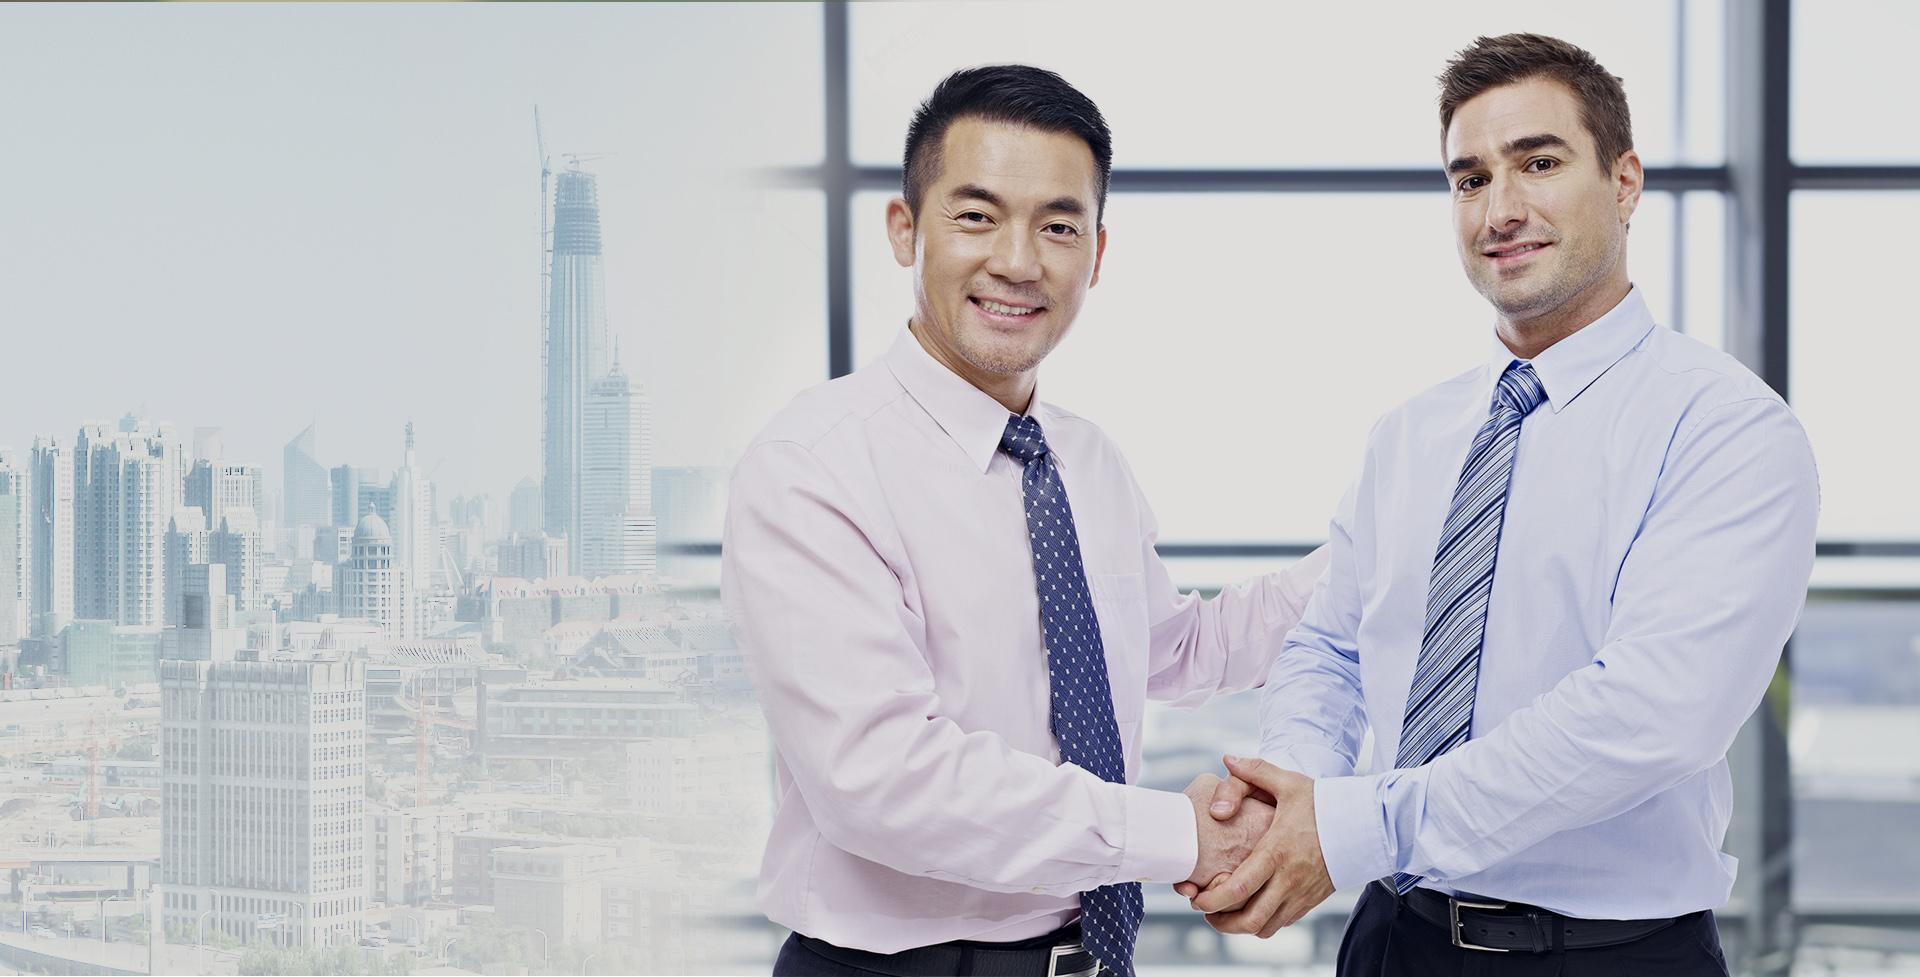 Малый бизнес в Китае: ТОП-5 самых прибыльных идей